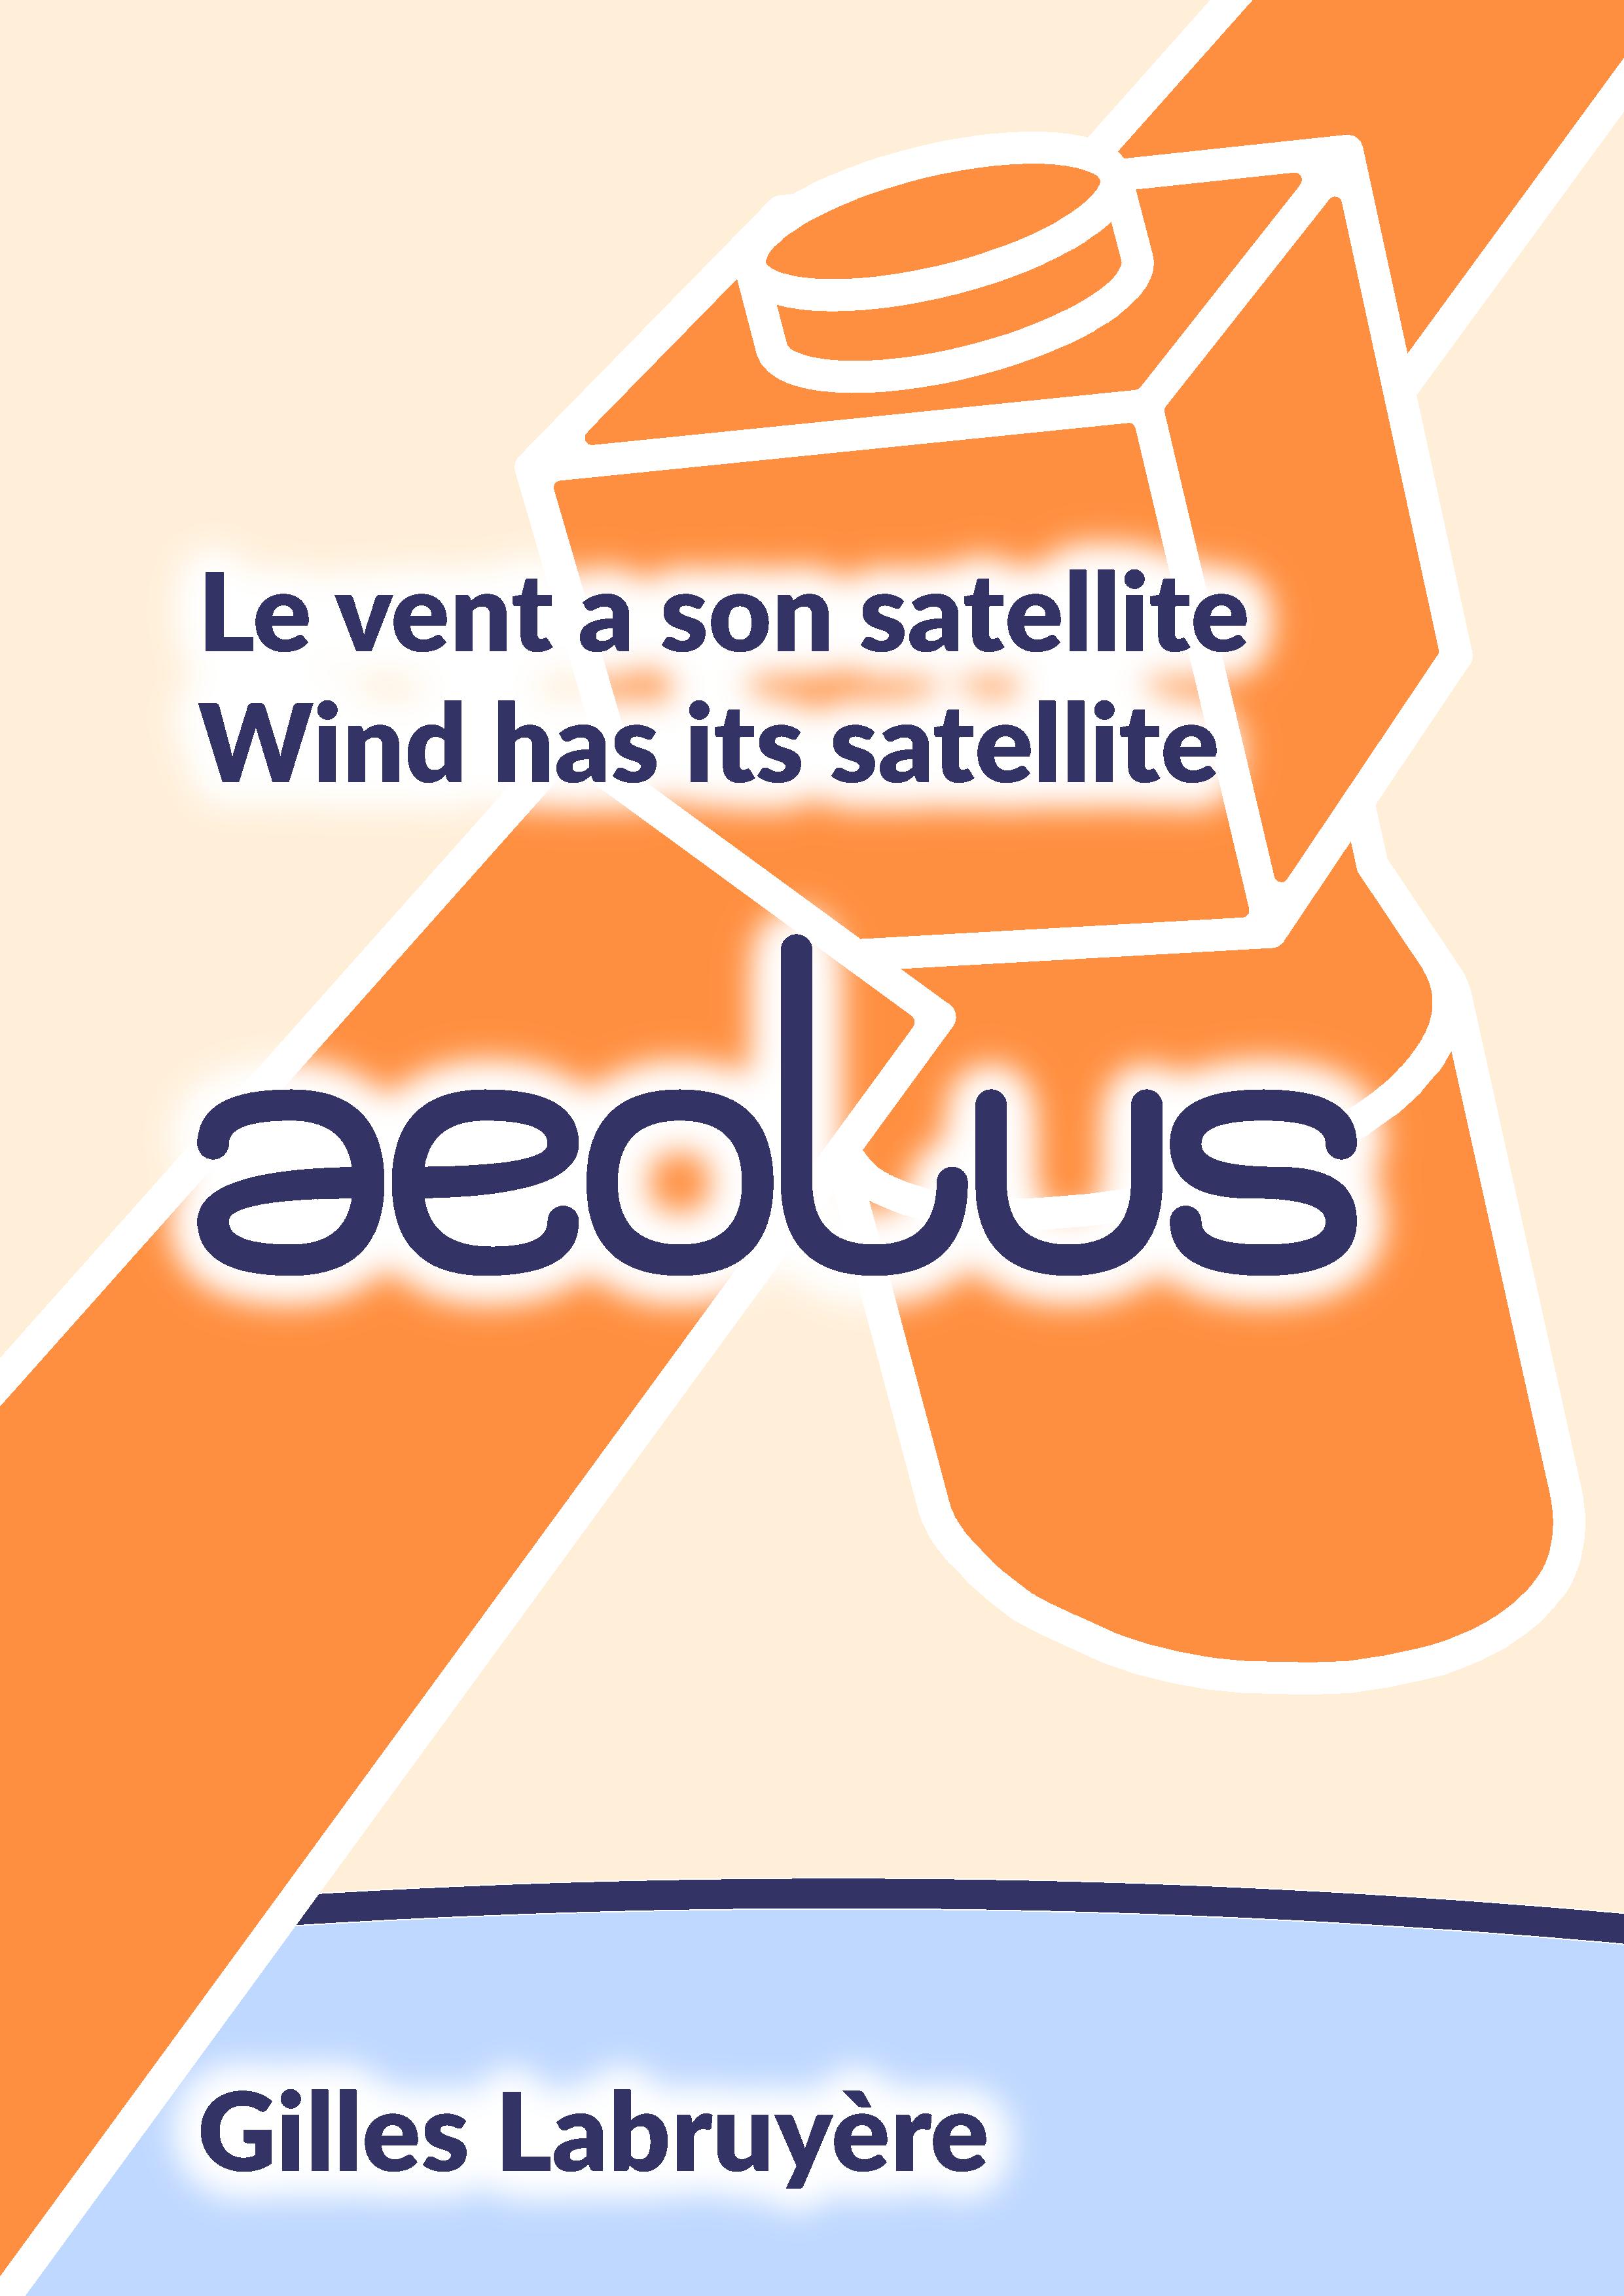 Le vent a son satellite, aeolus